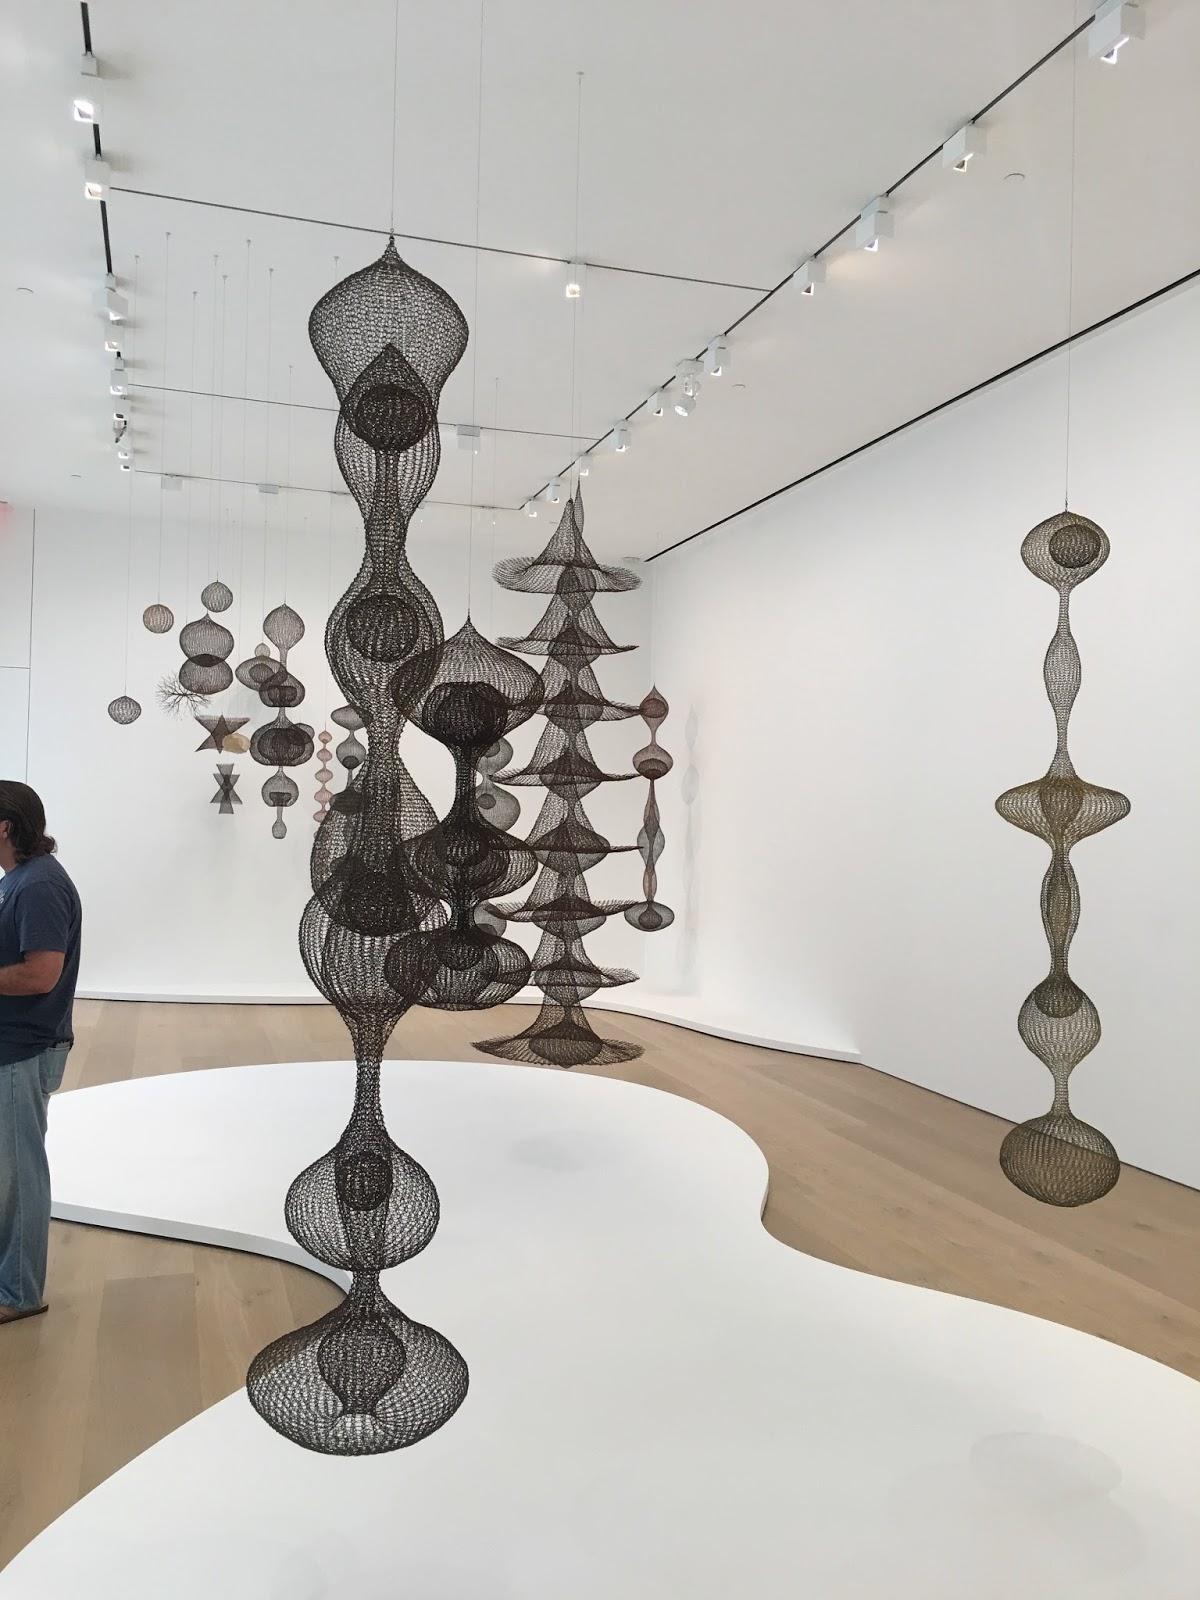 Contemporary Basketry: Ruth Asawa at David Zwirner